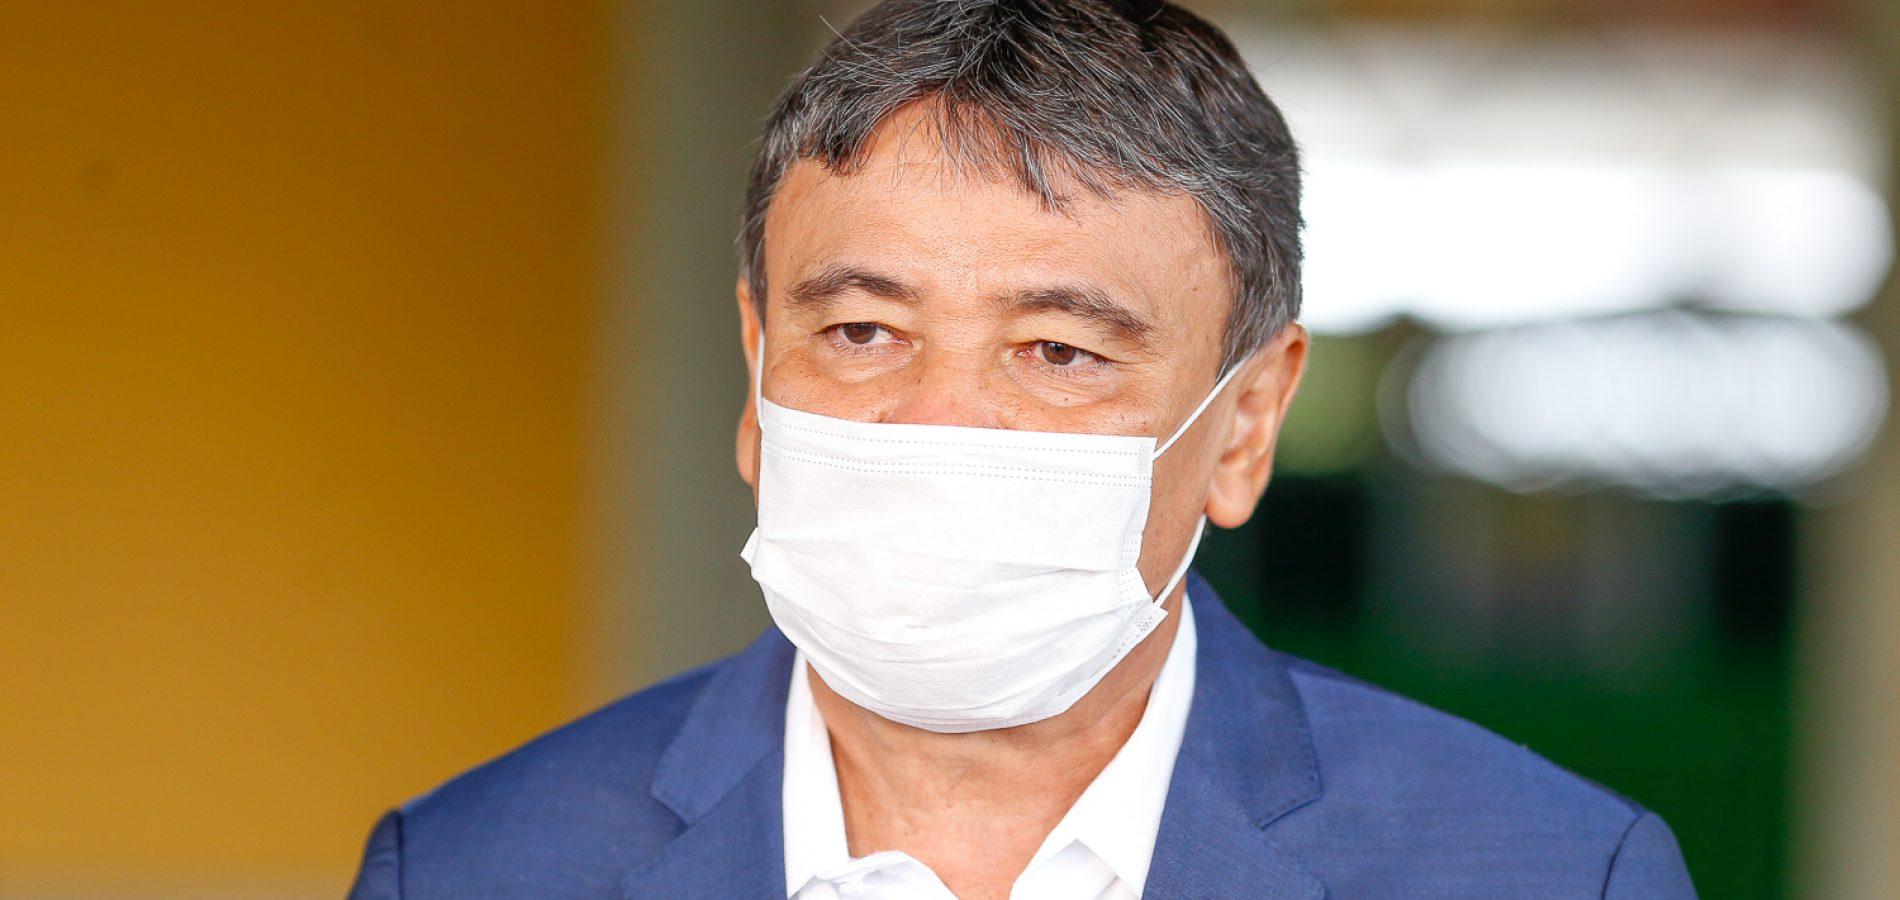 Se houver impasse, MP pode ser caminho para a compra da vacina, diz Wellington Dias